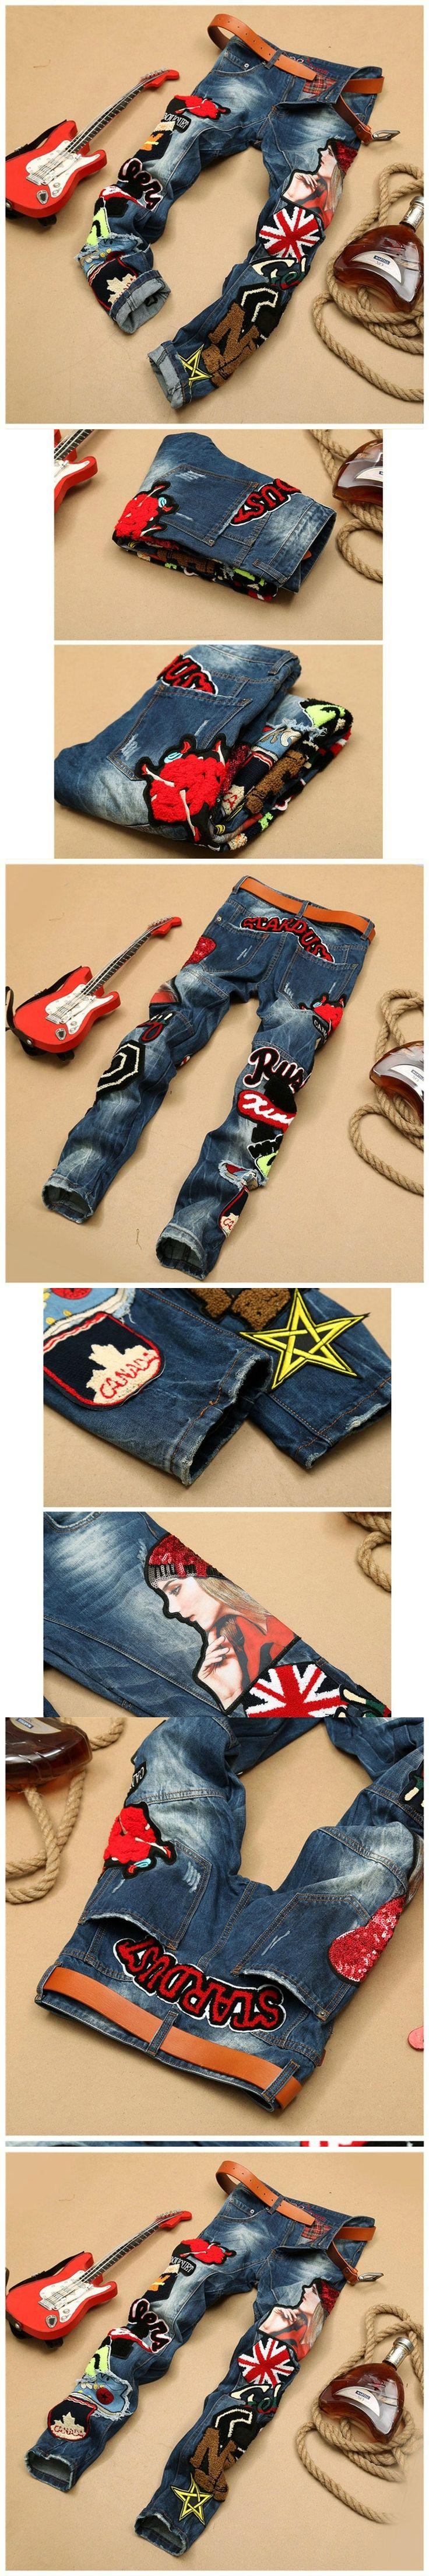 Hip Hop Embroidery Mens Jeans Trousers Men pantalon hombre Men's Jeans Straight Pants Men Jeans 2017 Denim Pants Trouser BP593